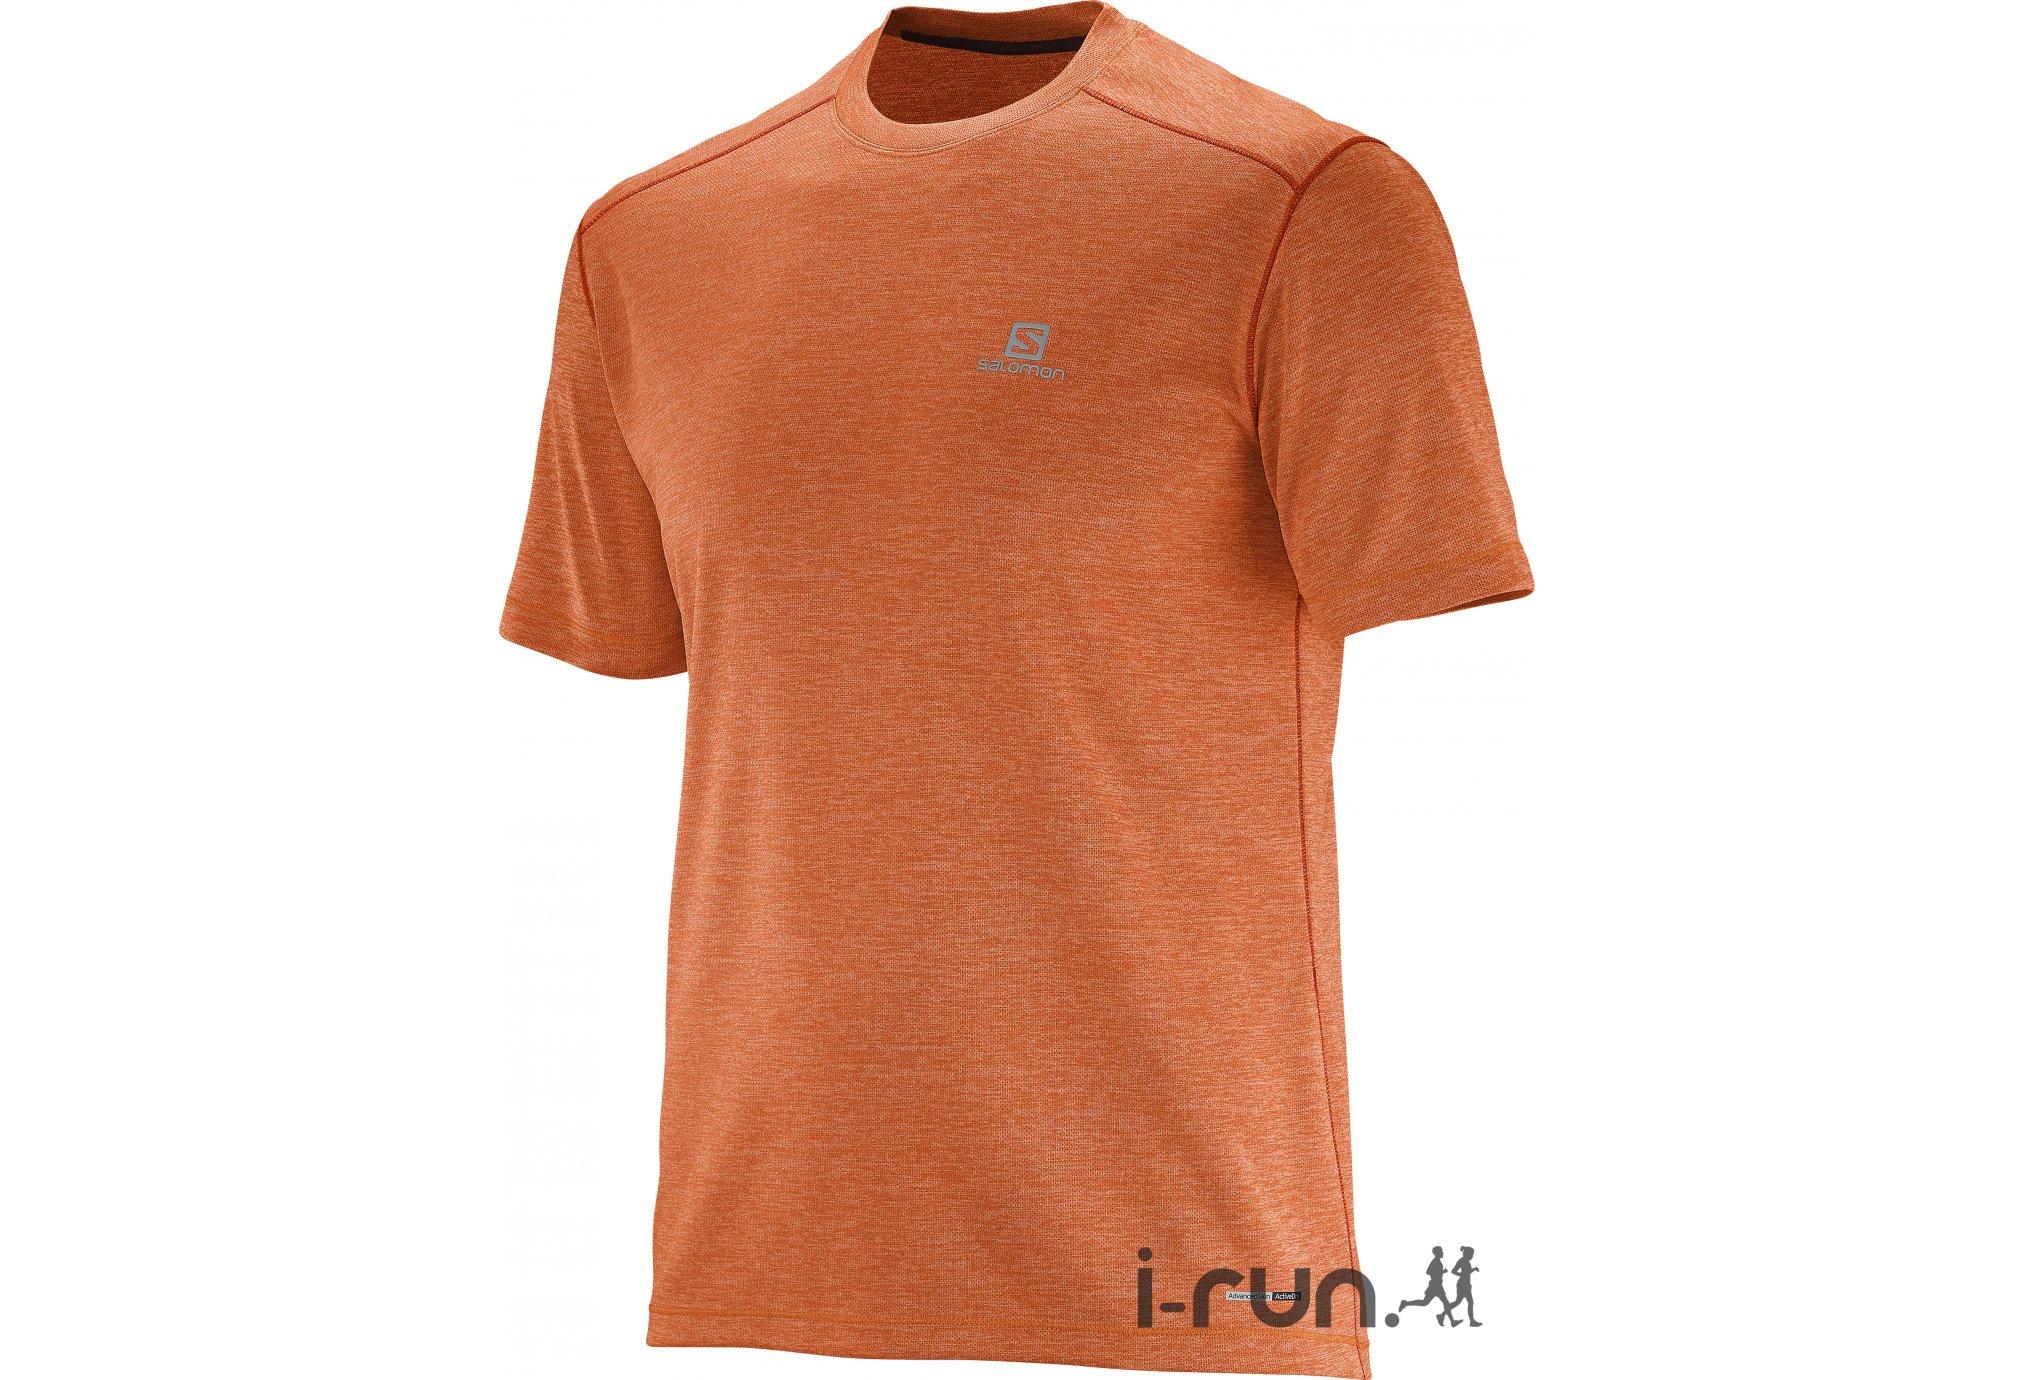 Salomon Tee-shirt Park M v�tement running homme